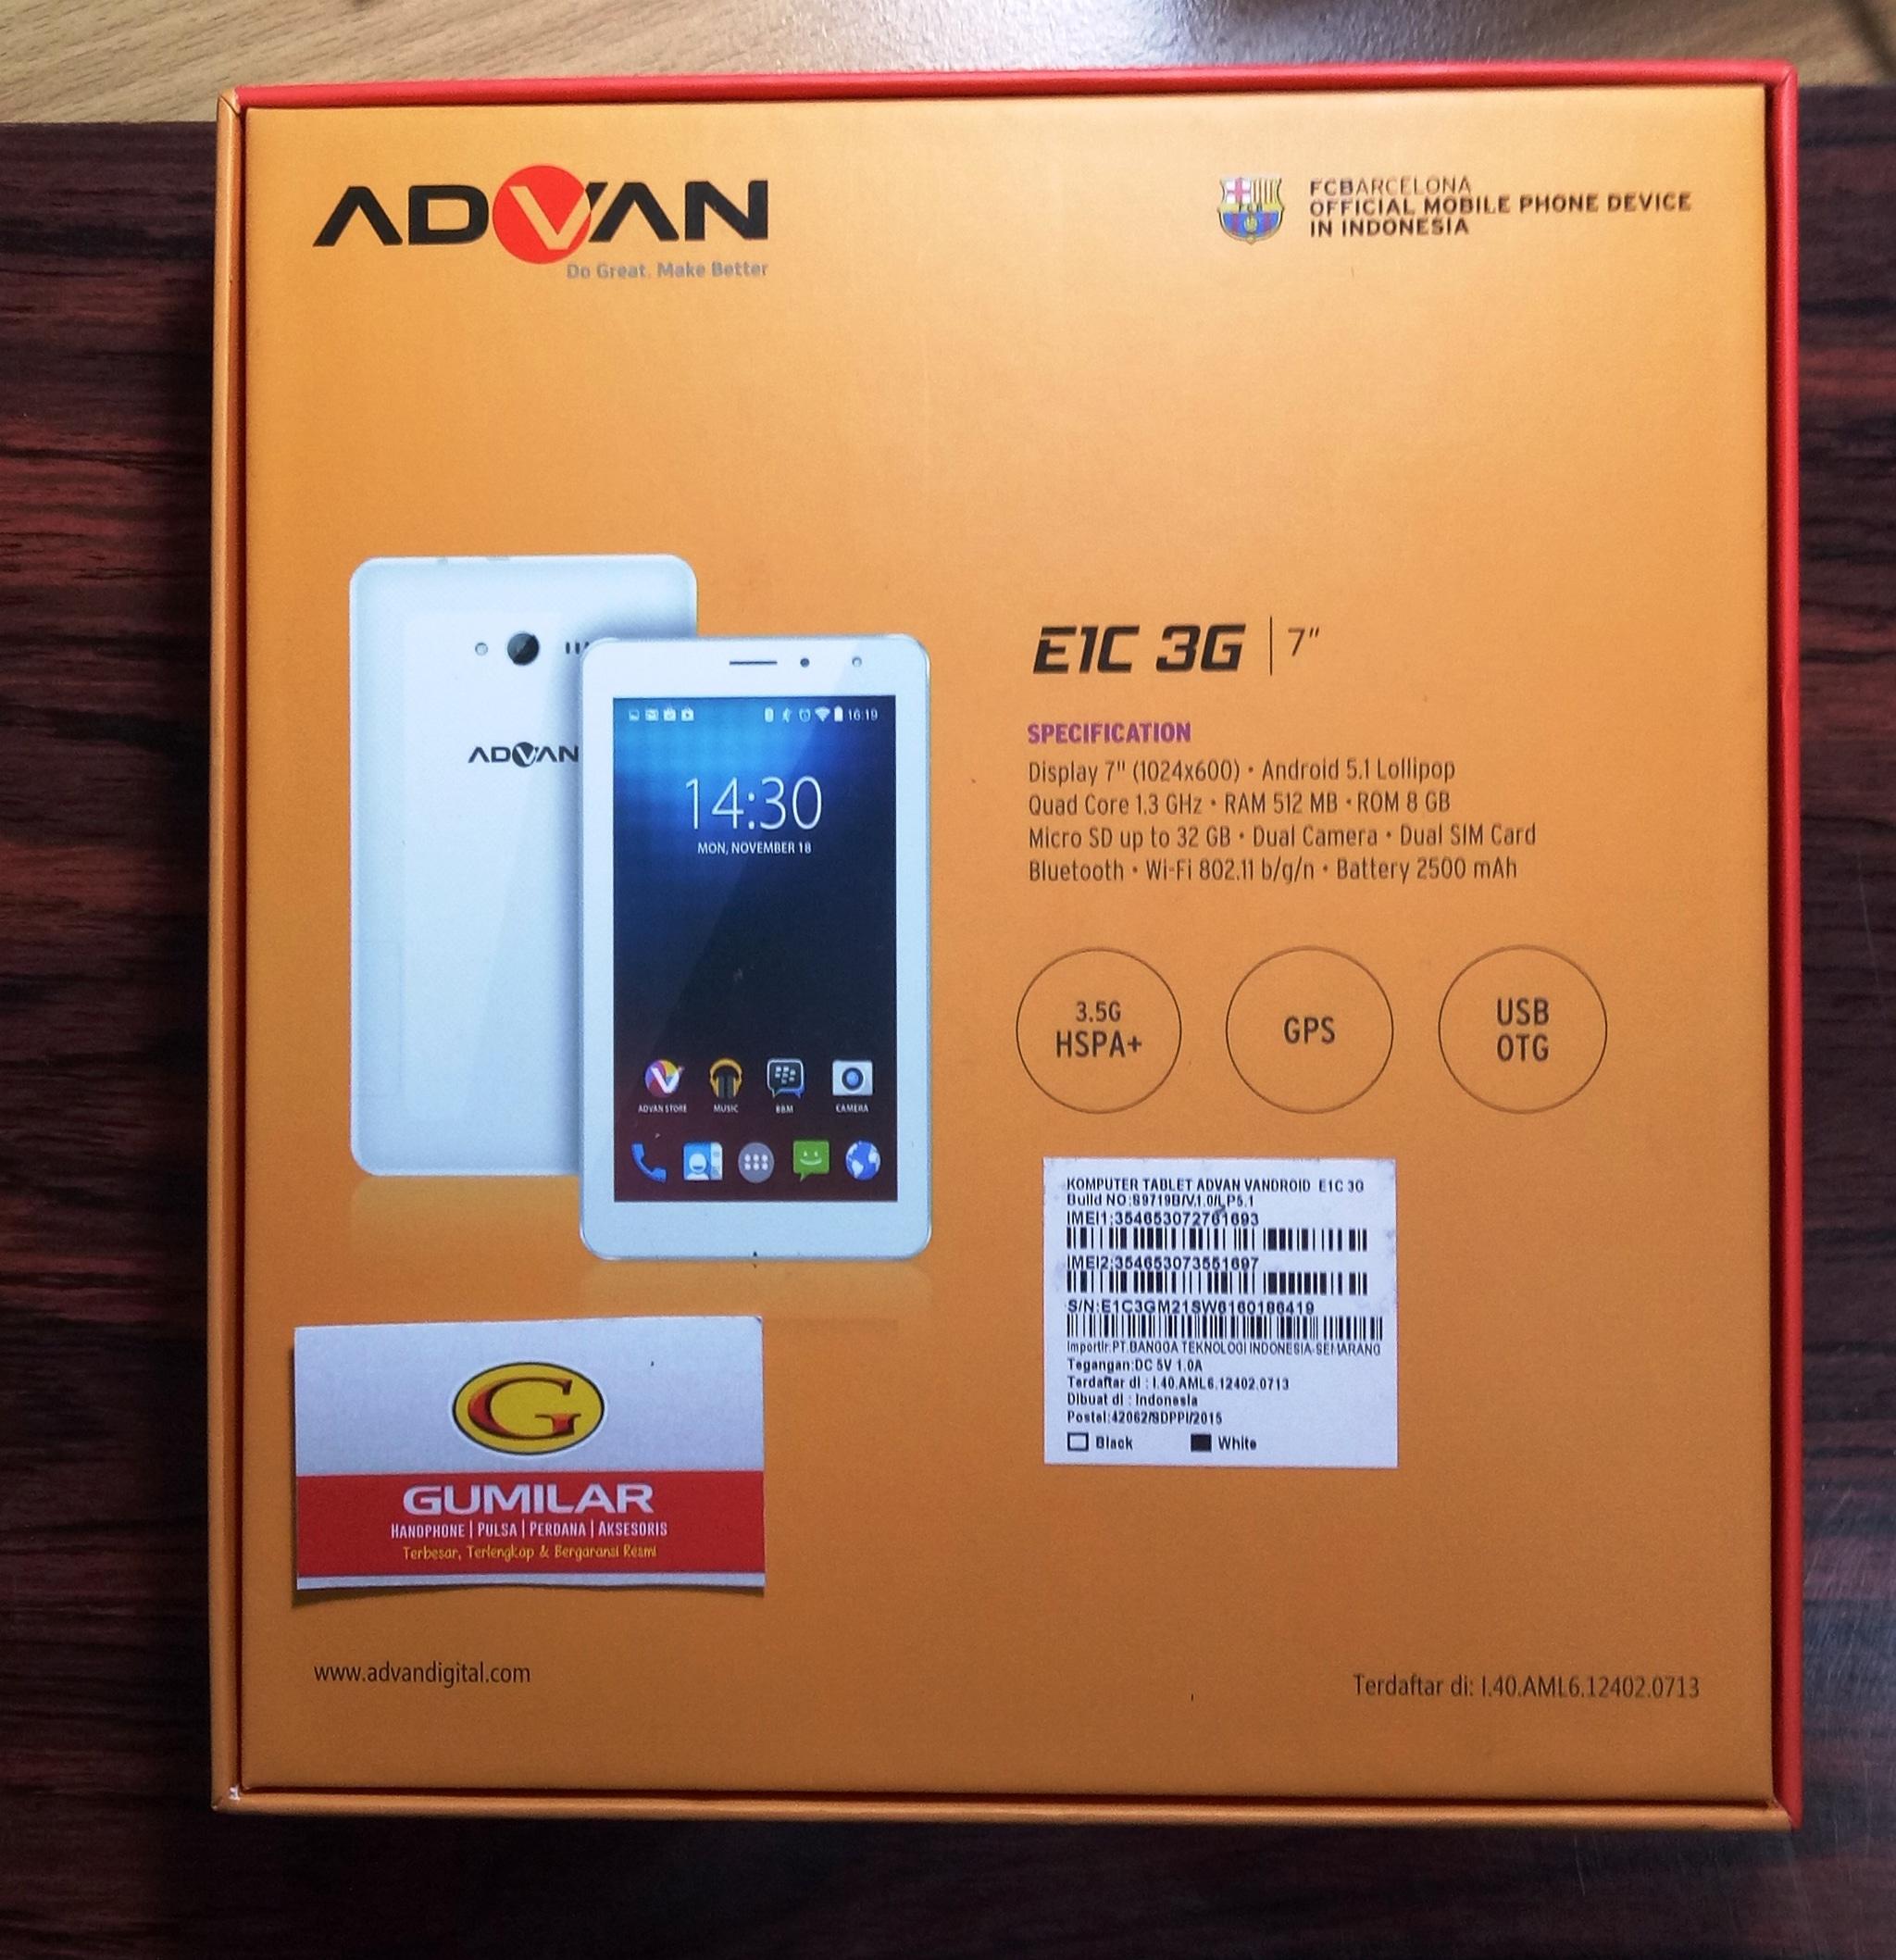 Jual Advan E1C 3G